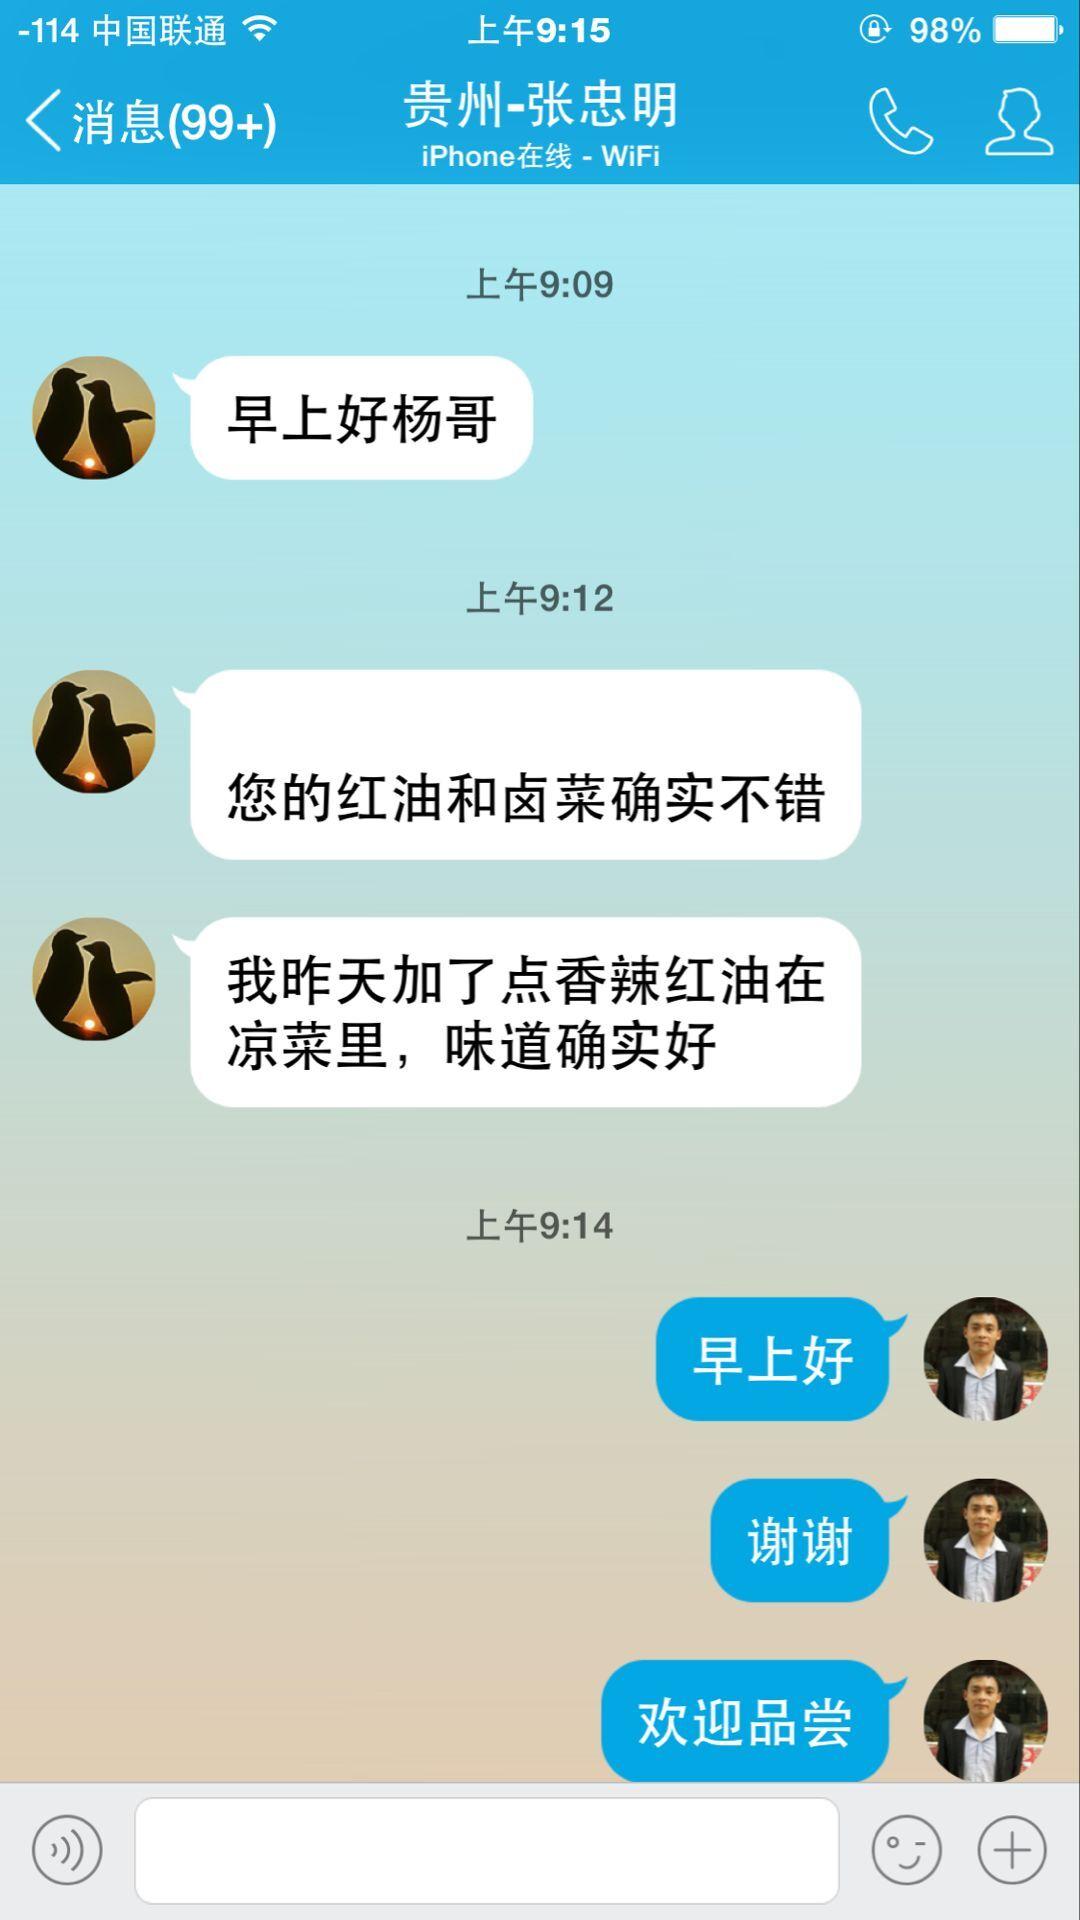 学卤菜贵州学员-张忠明